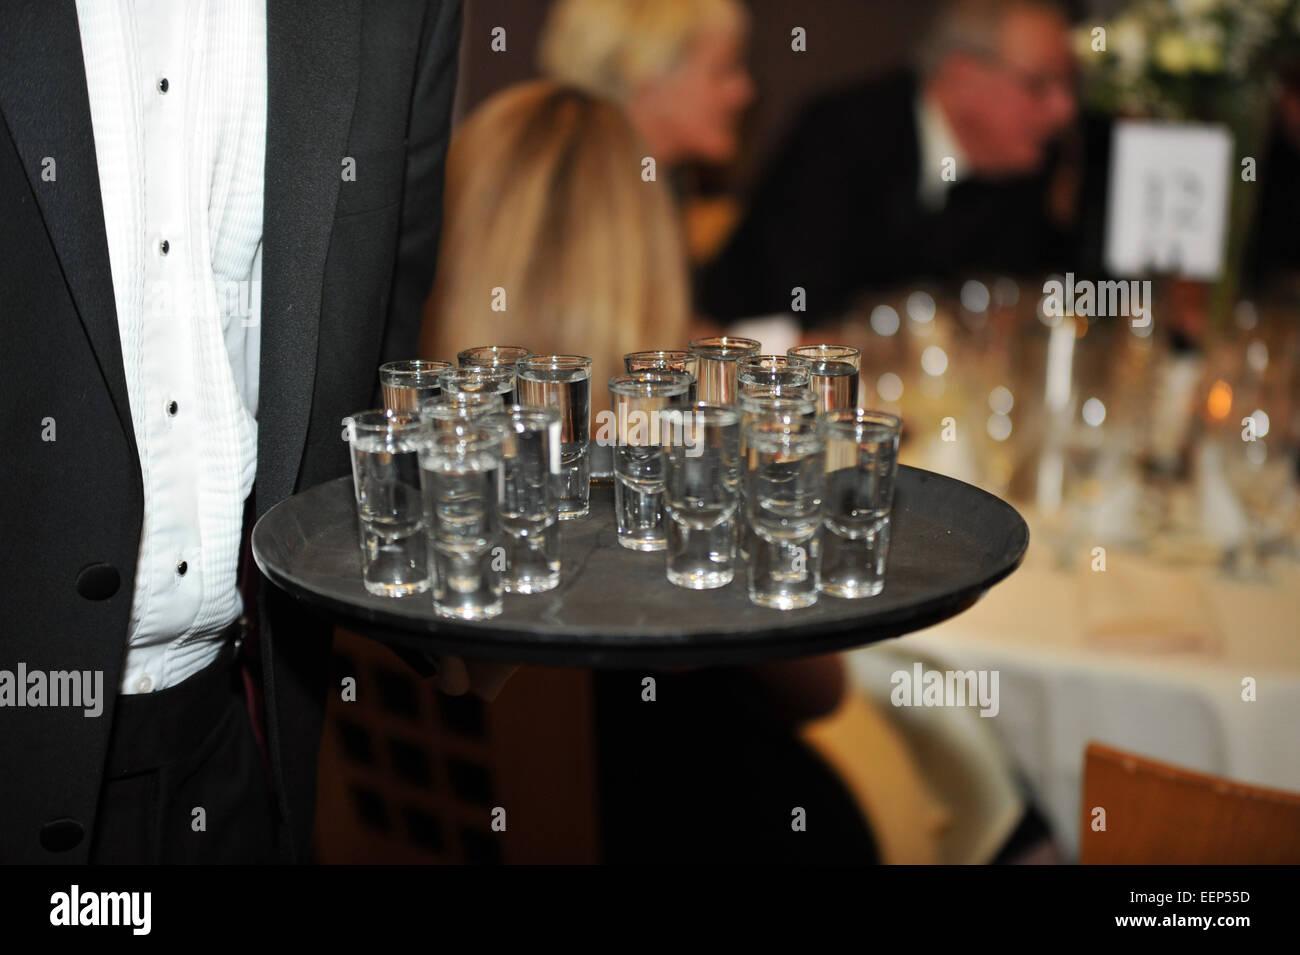 Bere la cultura NEL REGNO UNITO, vodka scatti, party drink. Immagini Stock